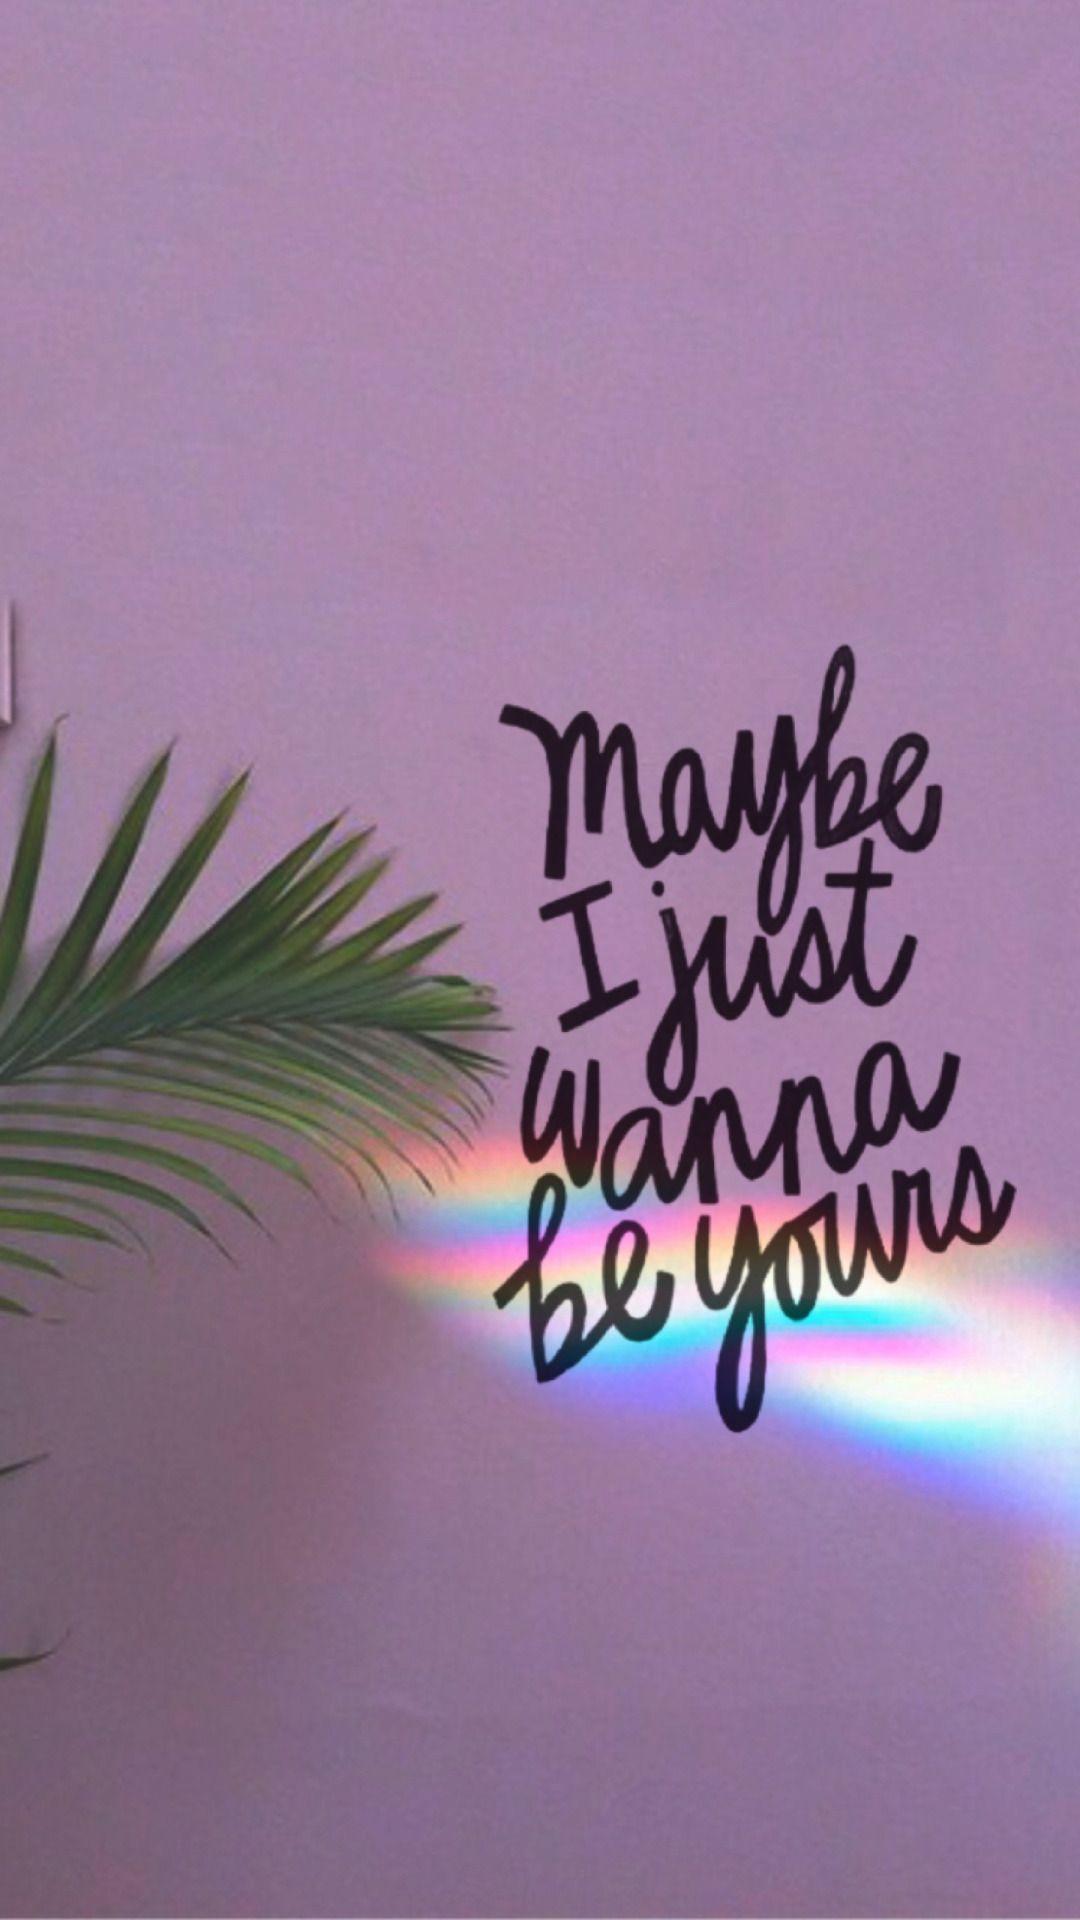 I Wanna Be Yours Arctic Monkeys Pretty Random Wallpaper